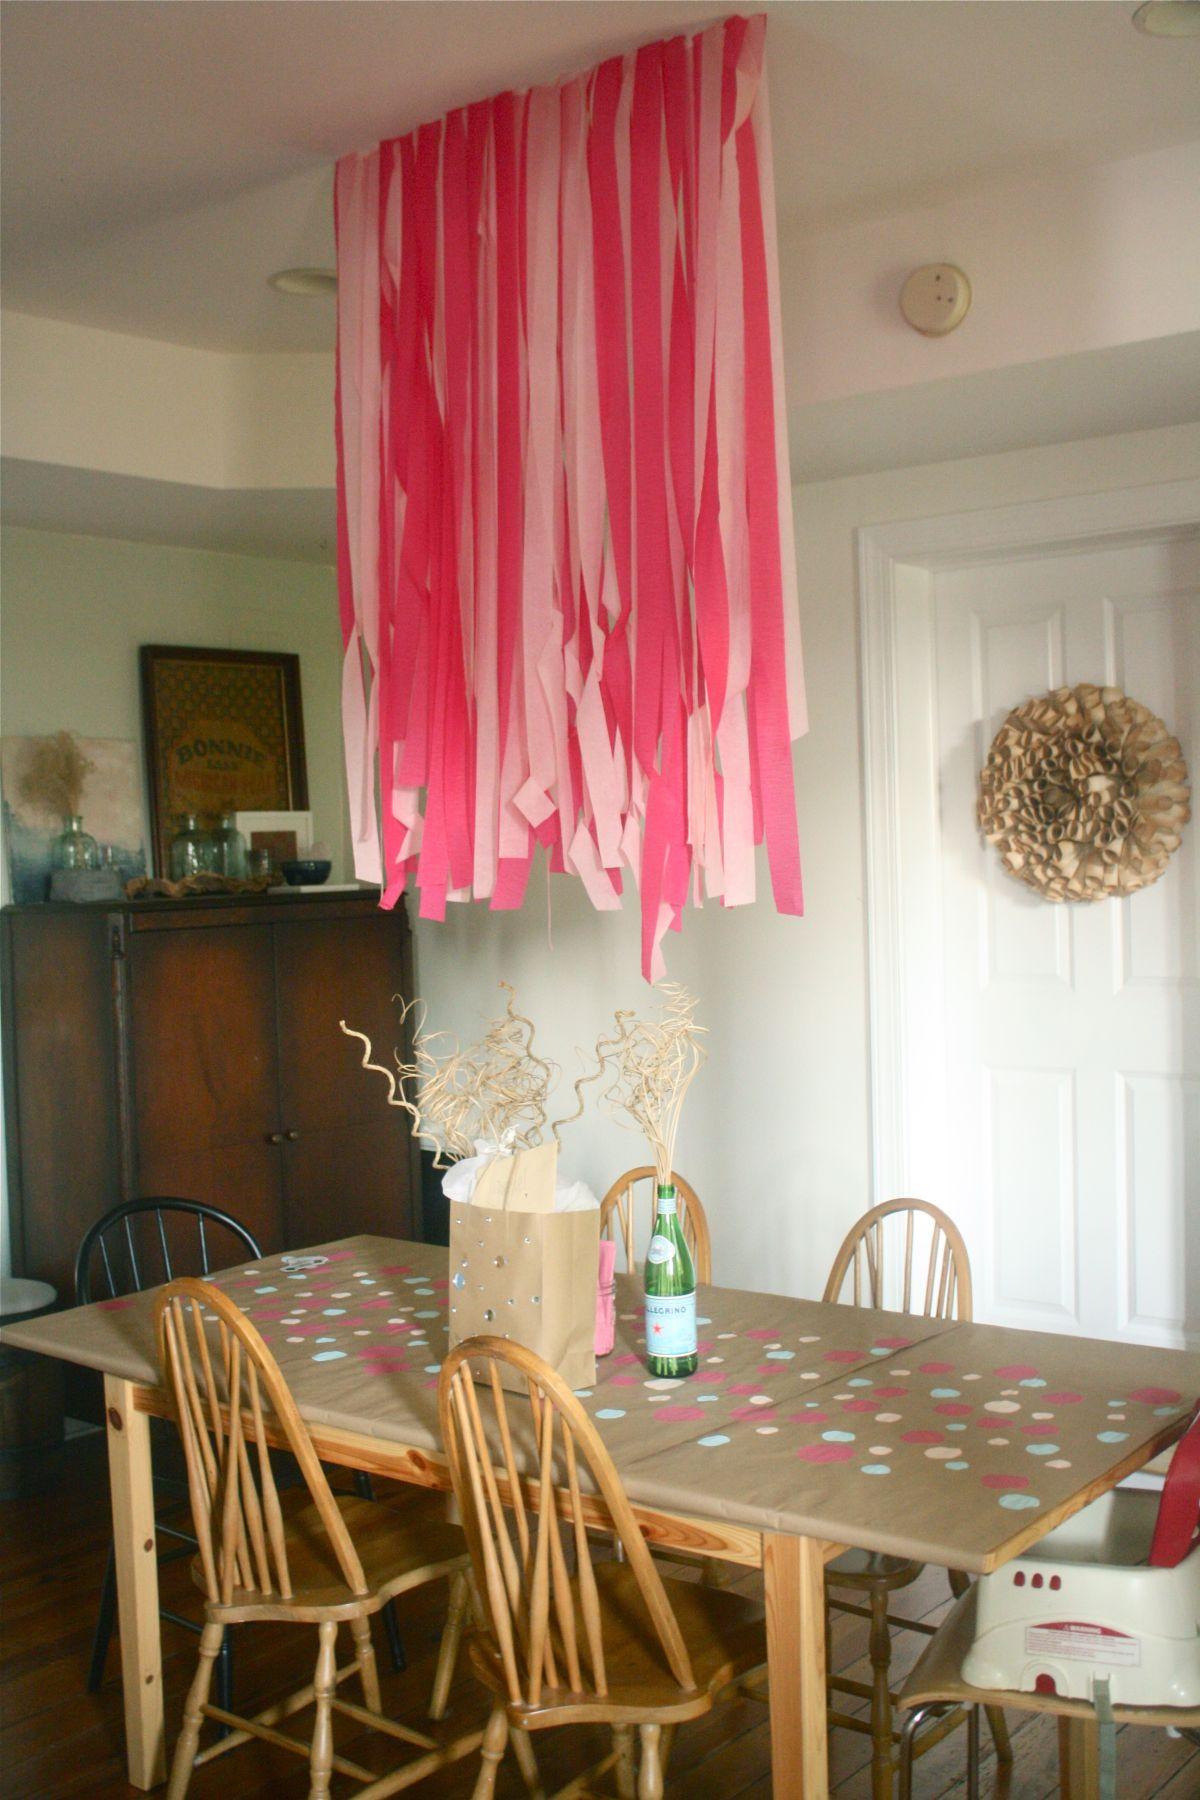 12 Easy Diy Birthday Decoration Ideas 2021